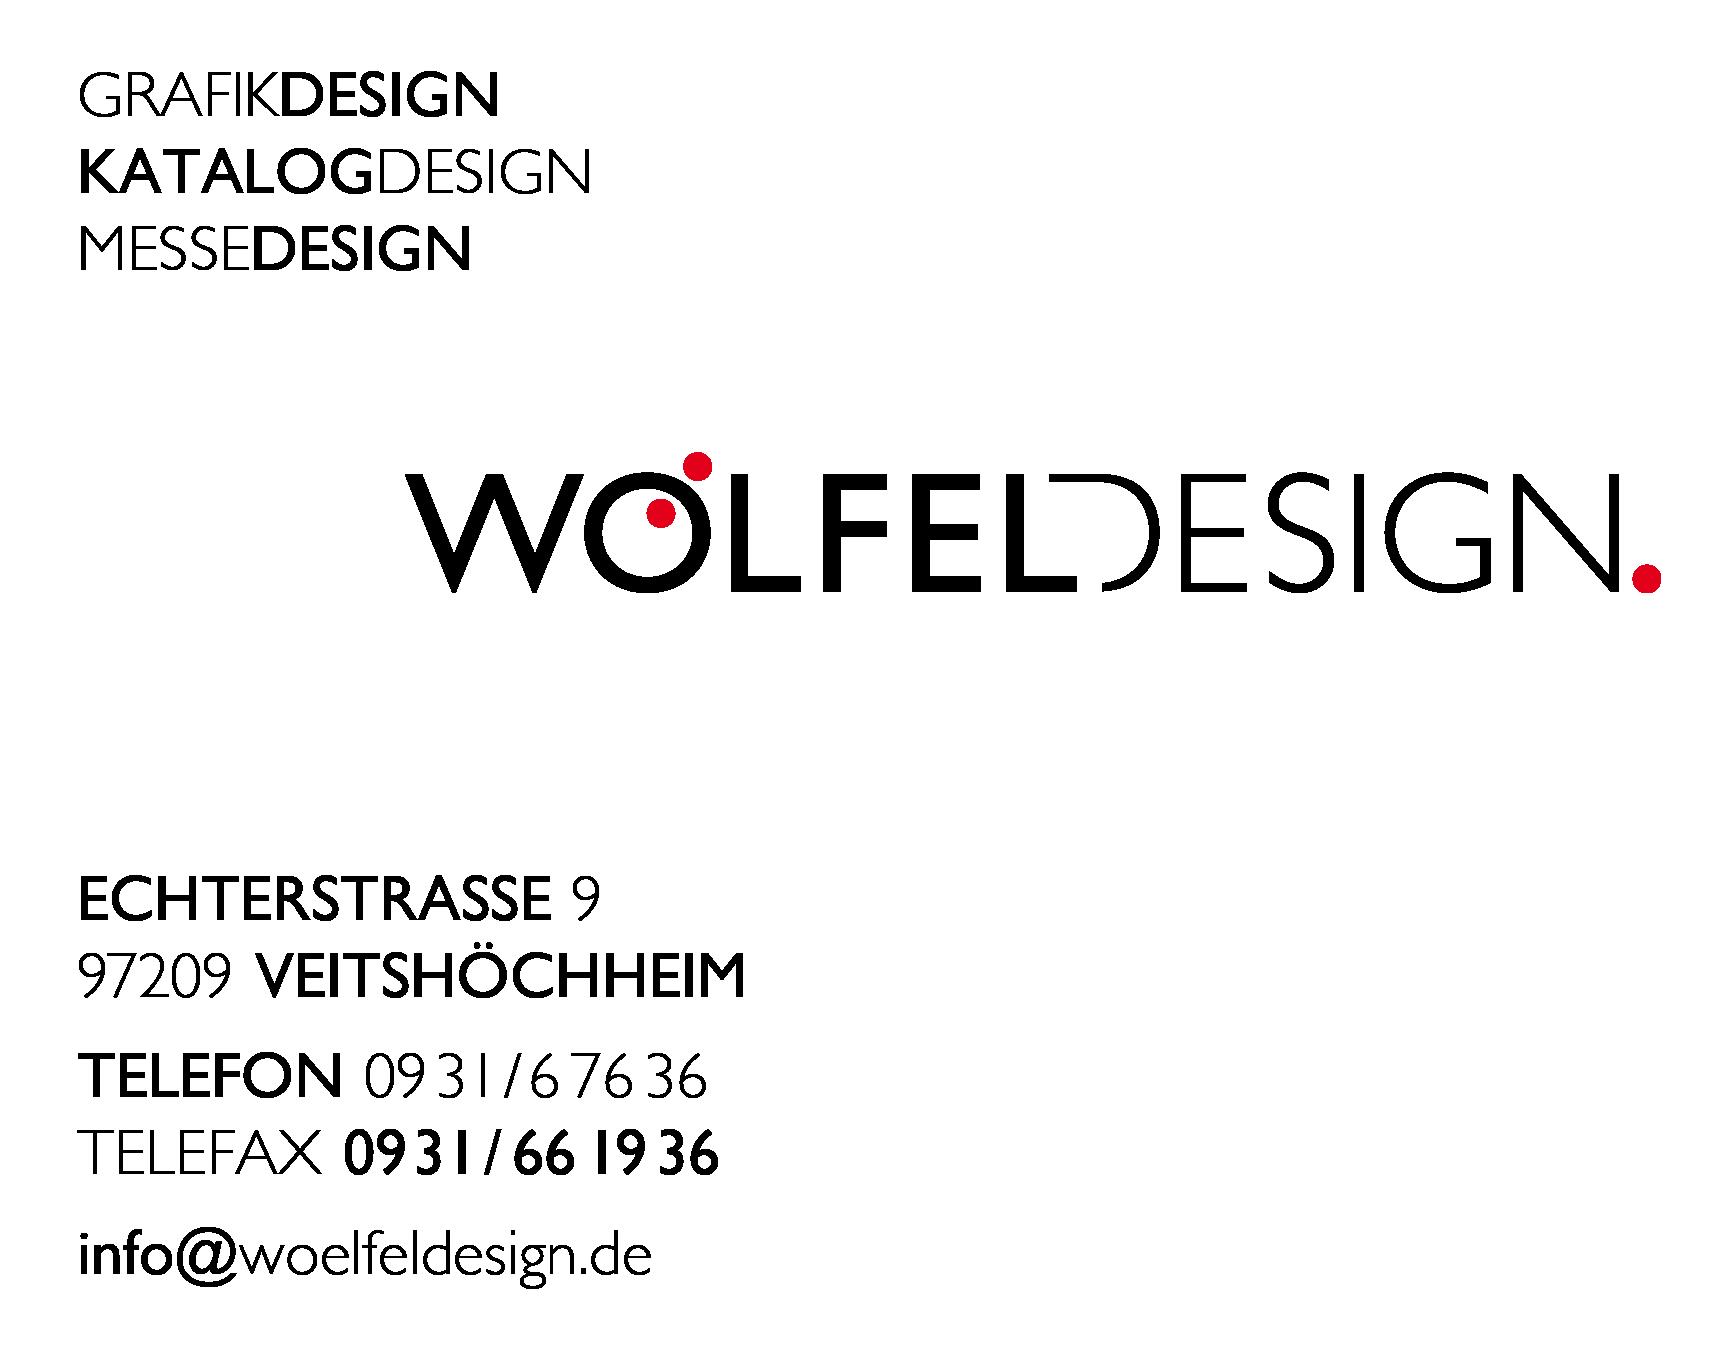 Wölfel Design – Grafikdesign, Katalogdesign, Messedesign – Echterstraße 9, 97209 Veitshöchheim, Telefon 0931 / 67636, Telefax 0931 / 661936, info@woelfeldesign.de